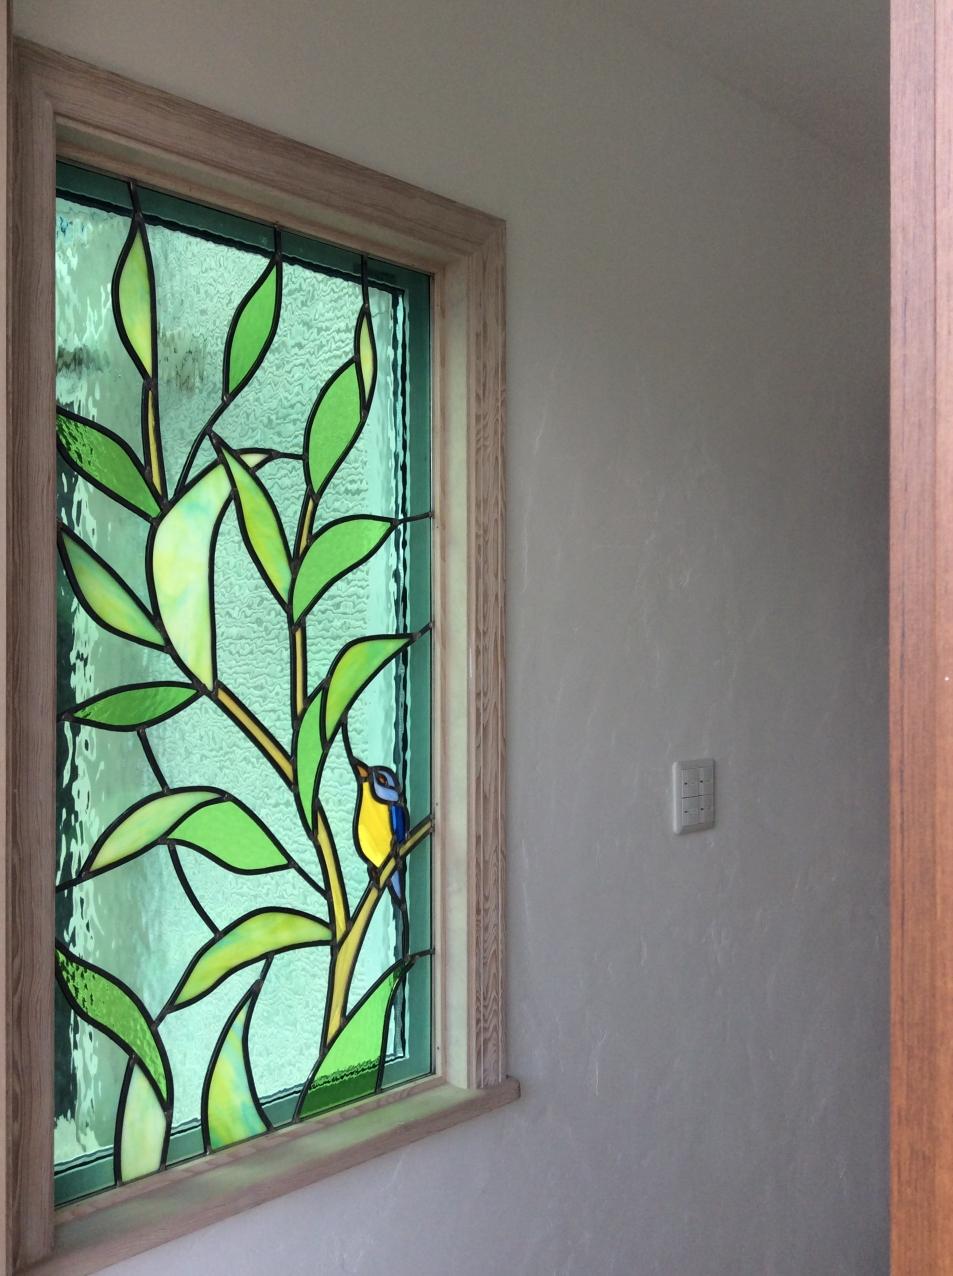 鳥と植物がモチーフのナチュラルデザイン✨